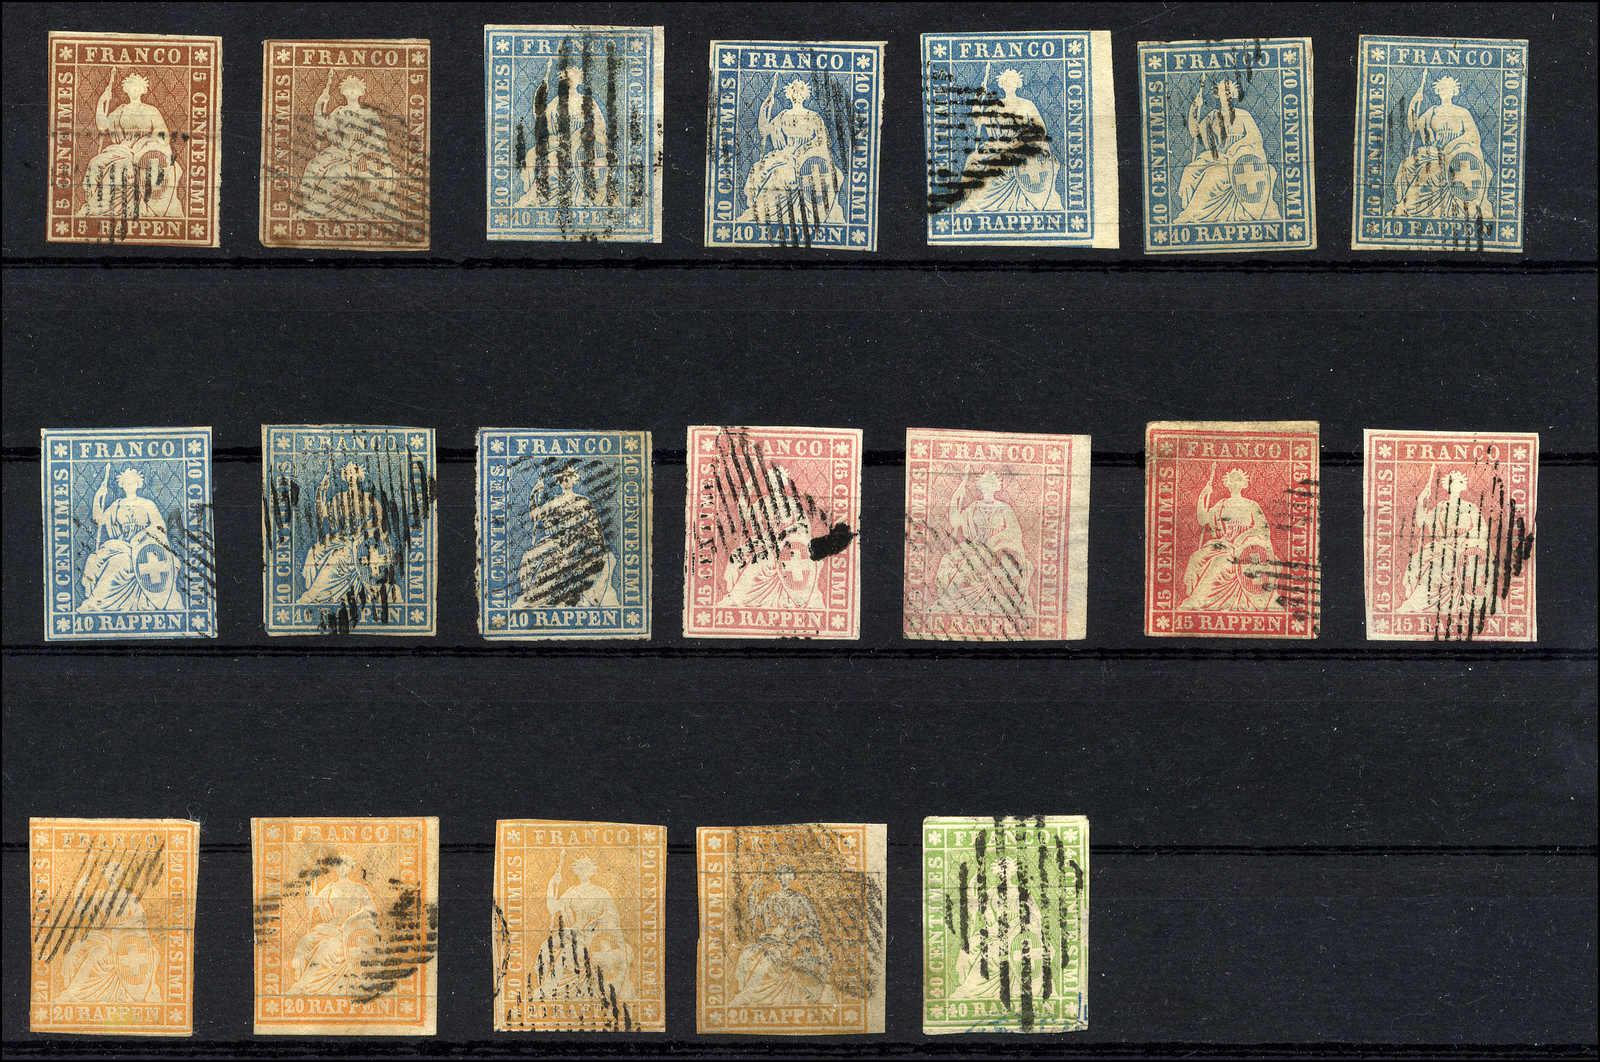 Lot 47 - sammlungen und posten sammlungen und posten altschweiz -  Rolli Auctions Auction #68 Day 1